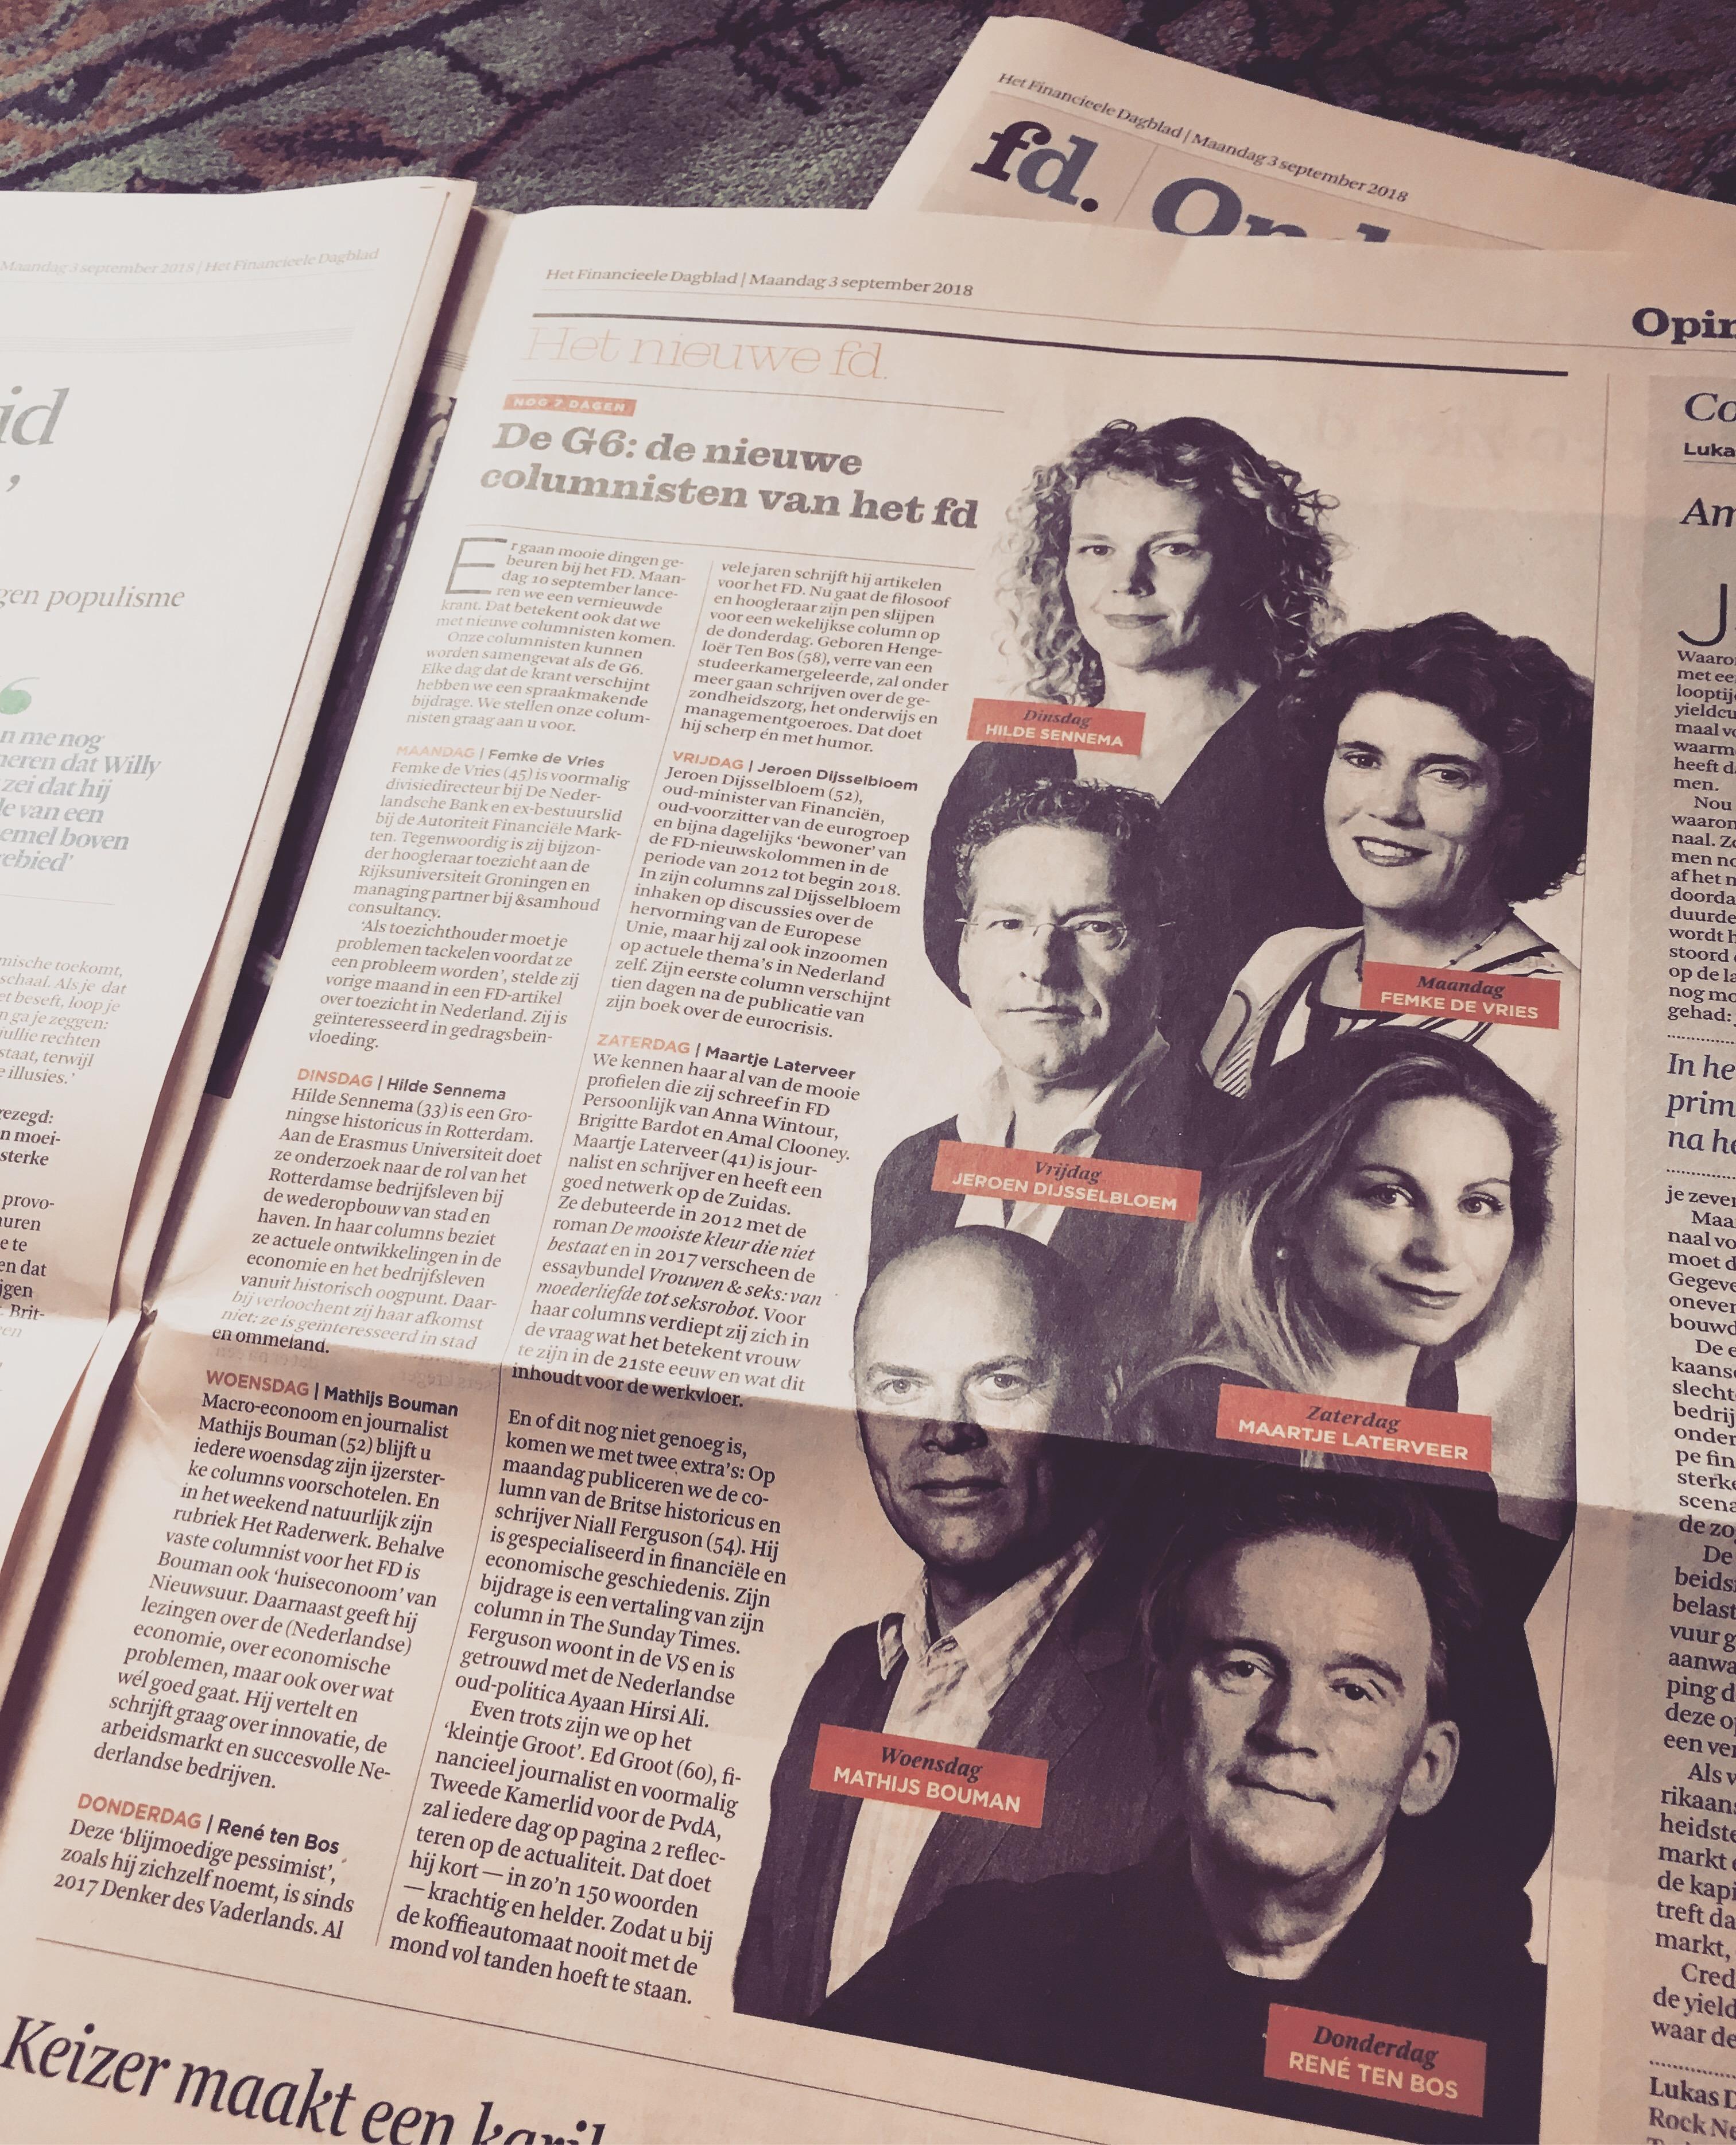 NL: Wekelijkse column voor FD